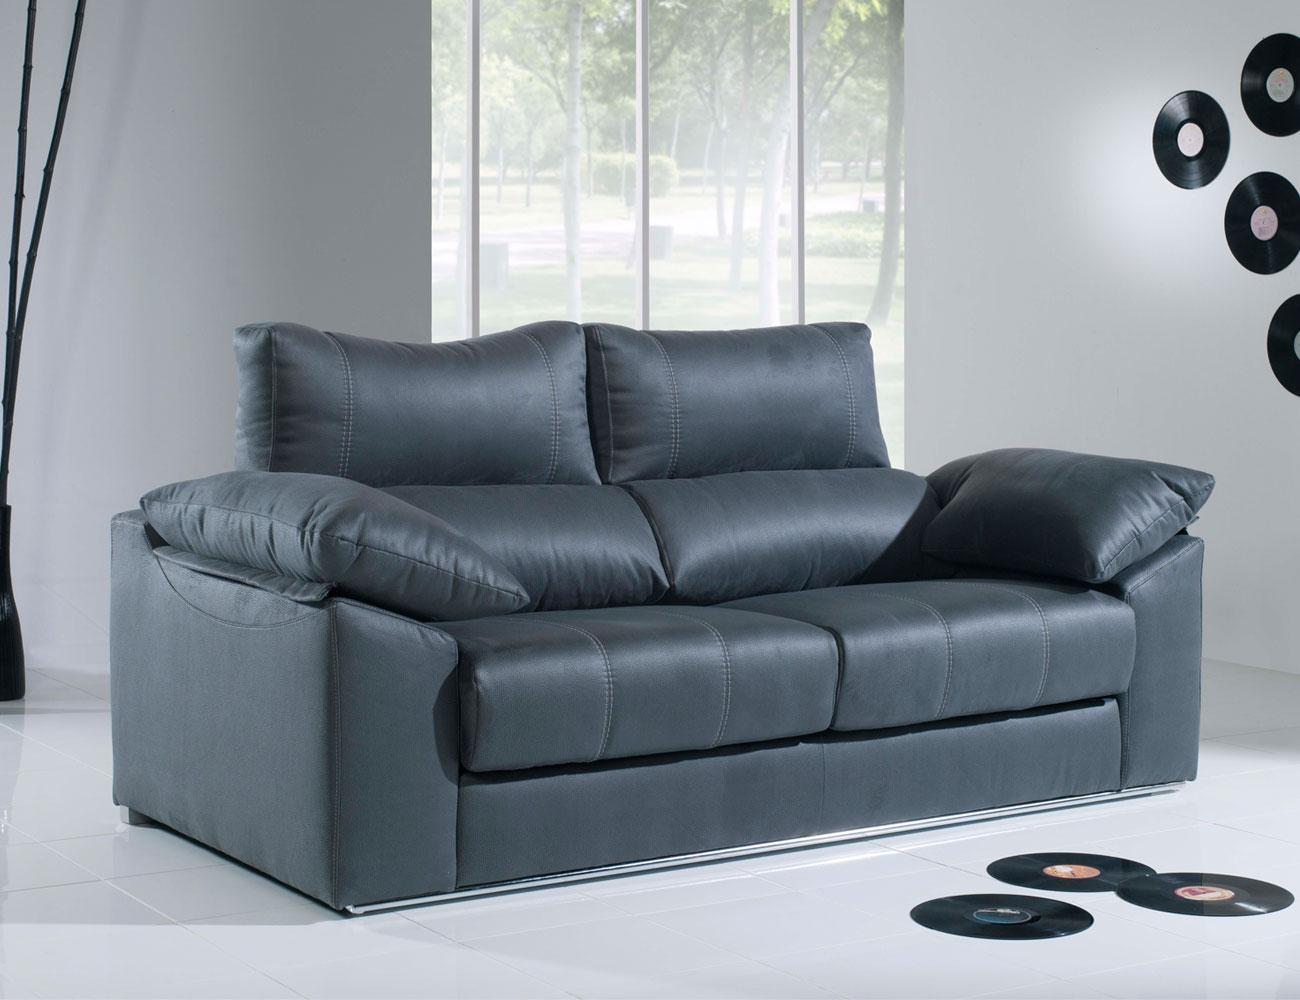 Sofa 3 plazas moderno con barra27